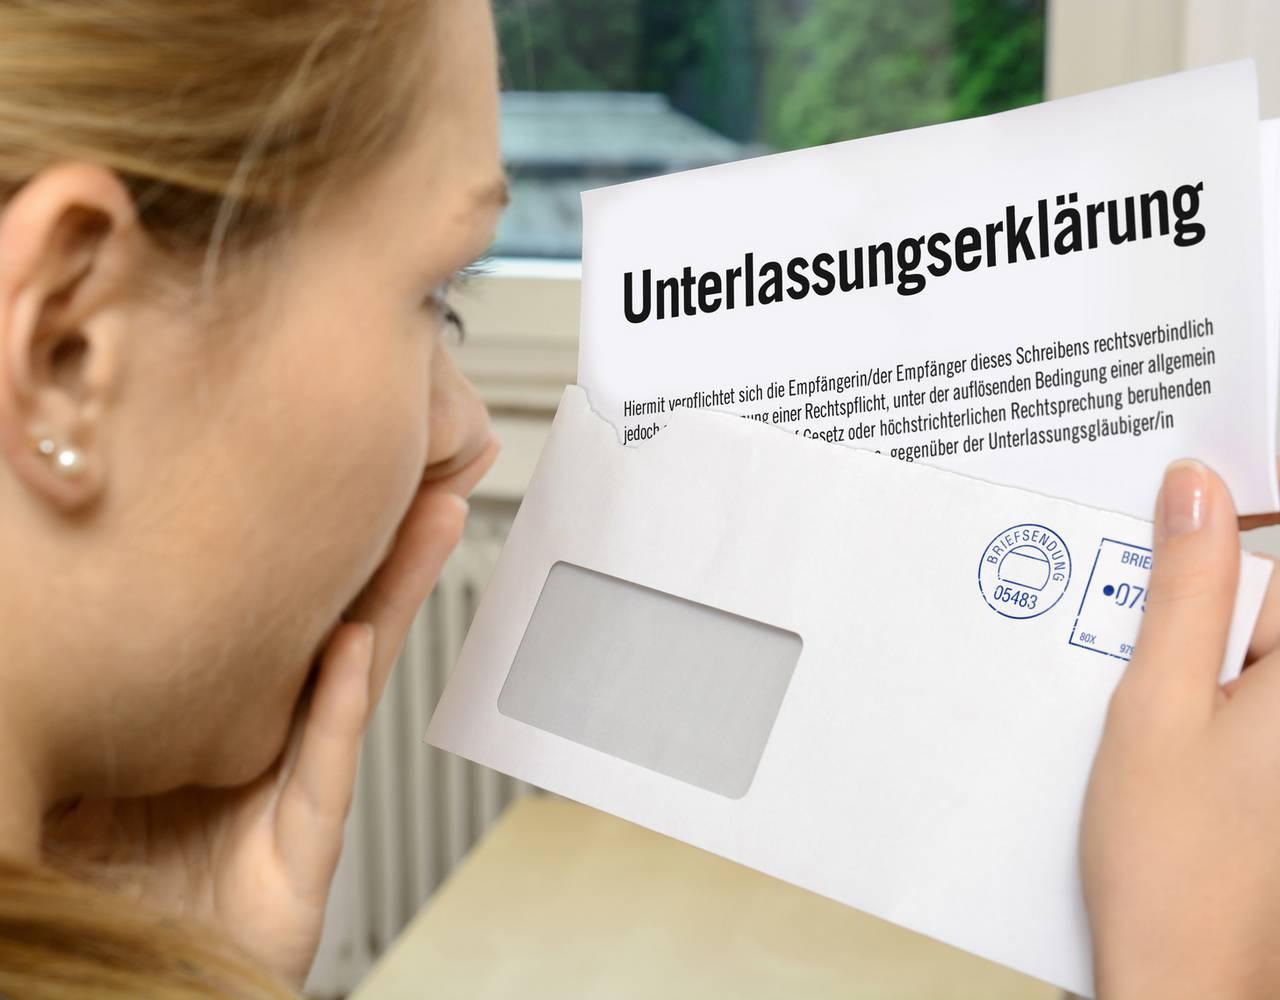 Unterlassung-Tarneden-Rechtsanwalt-Hannover